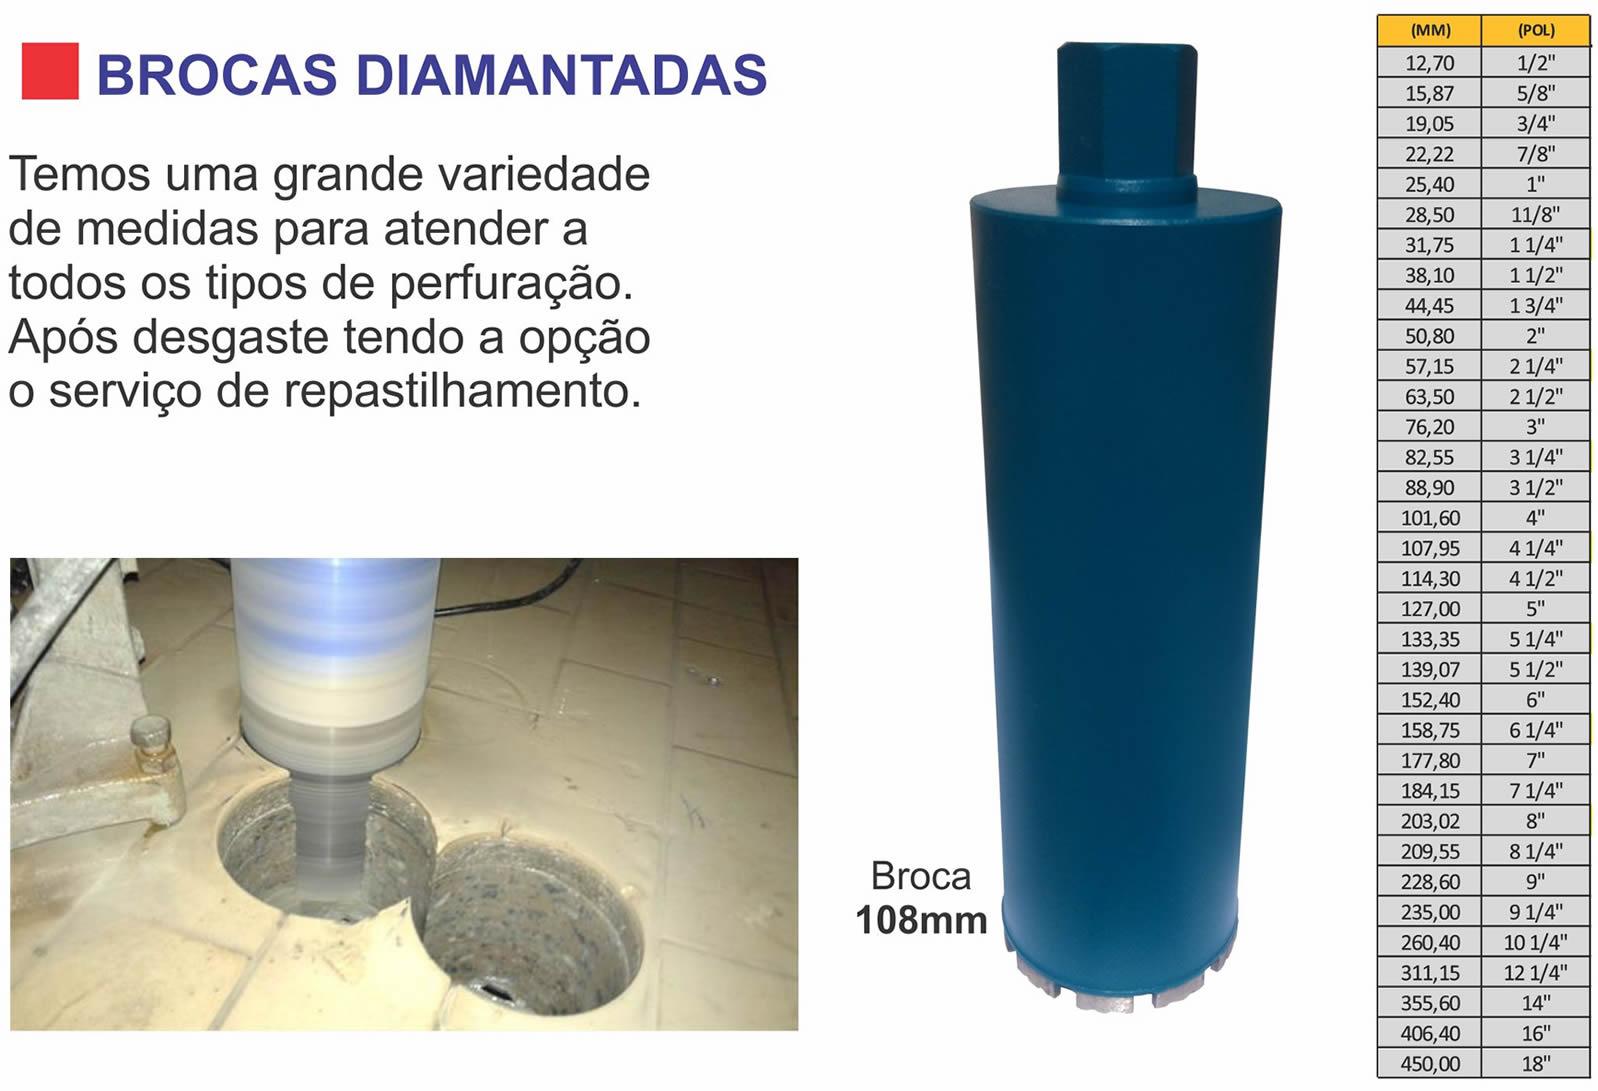 Brocas diamantadas em Curitiba